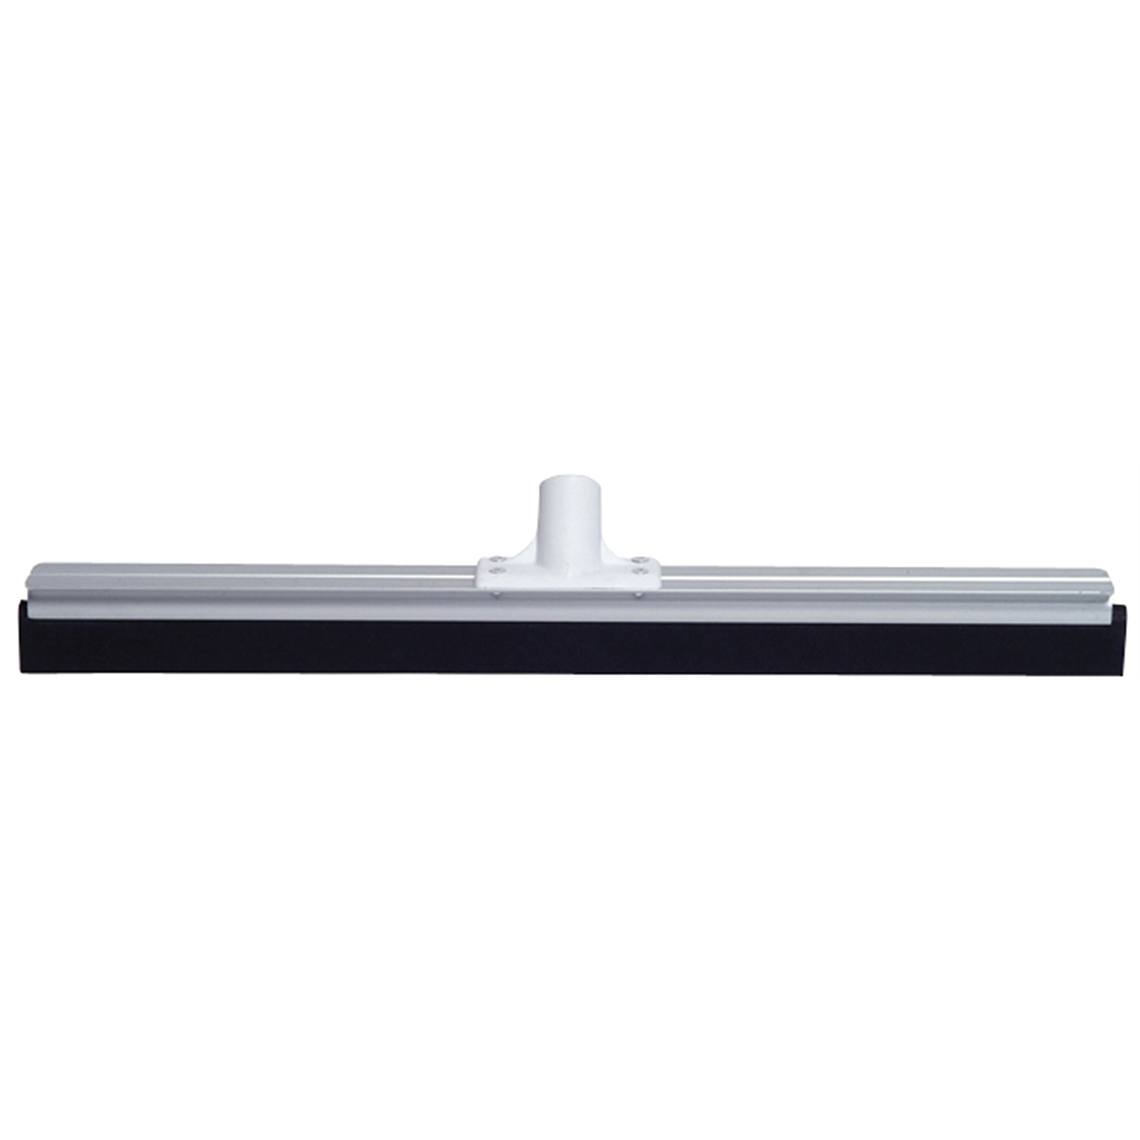 Aluminium Floor Squeegee - 600mm - White